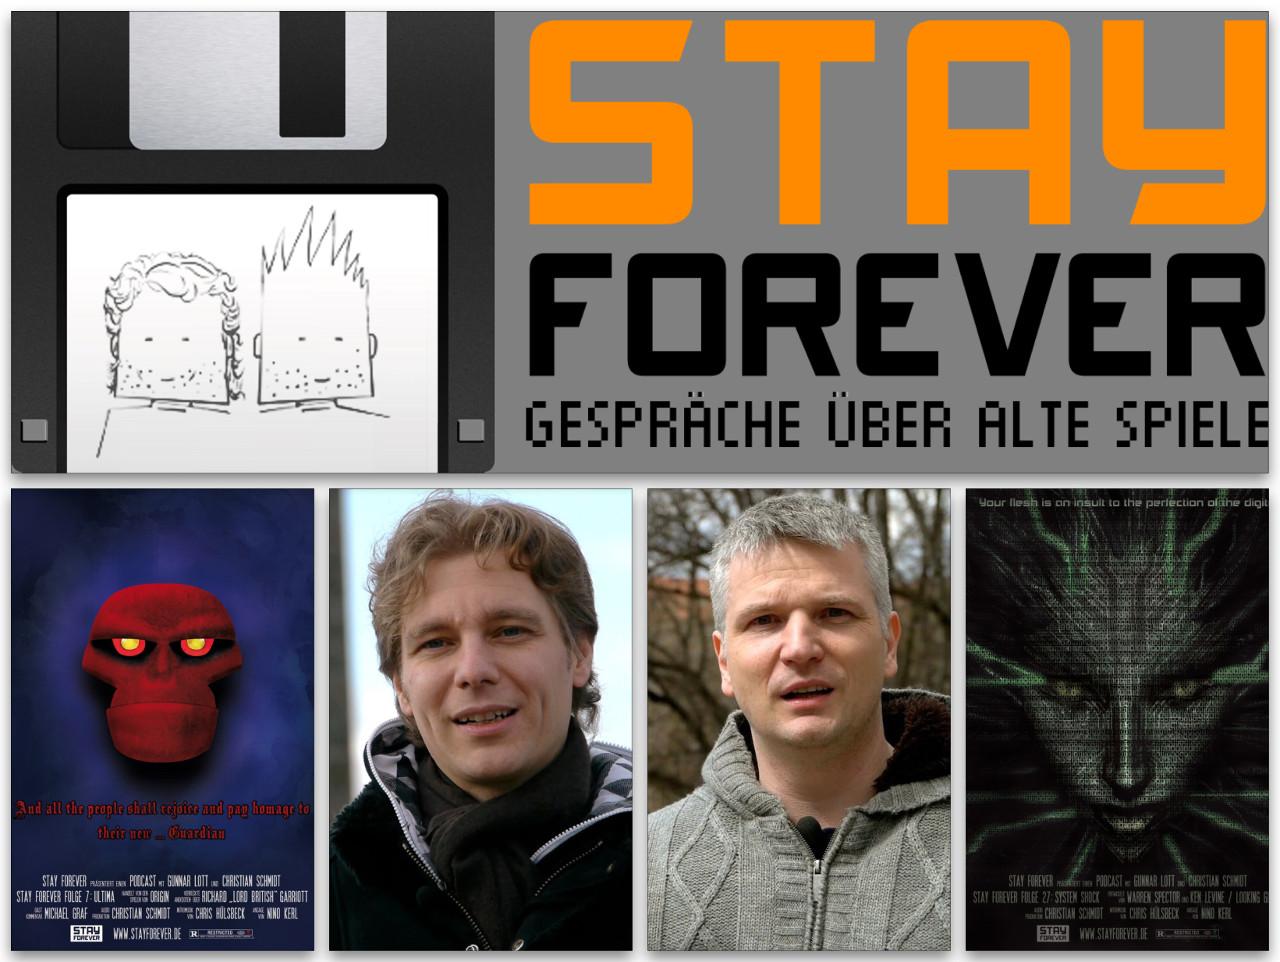 Von links nach rechts: The Guardian, Christian Schmidt, Gunnar Lott und Shodan. Die beiden in der Mitte sind schon etwas älter. Gemeinsam betreiben sie den Podcast Stay Forever. (Bilder: Podcast-Cover Paul Schmidt, Fotos: Toni Schwaiger)